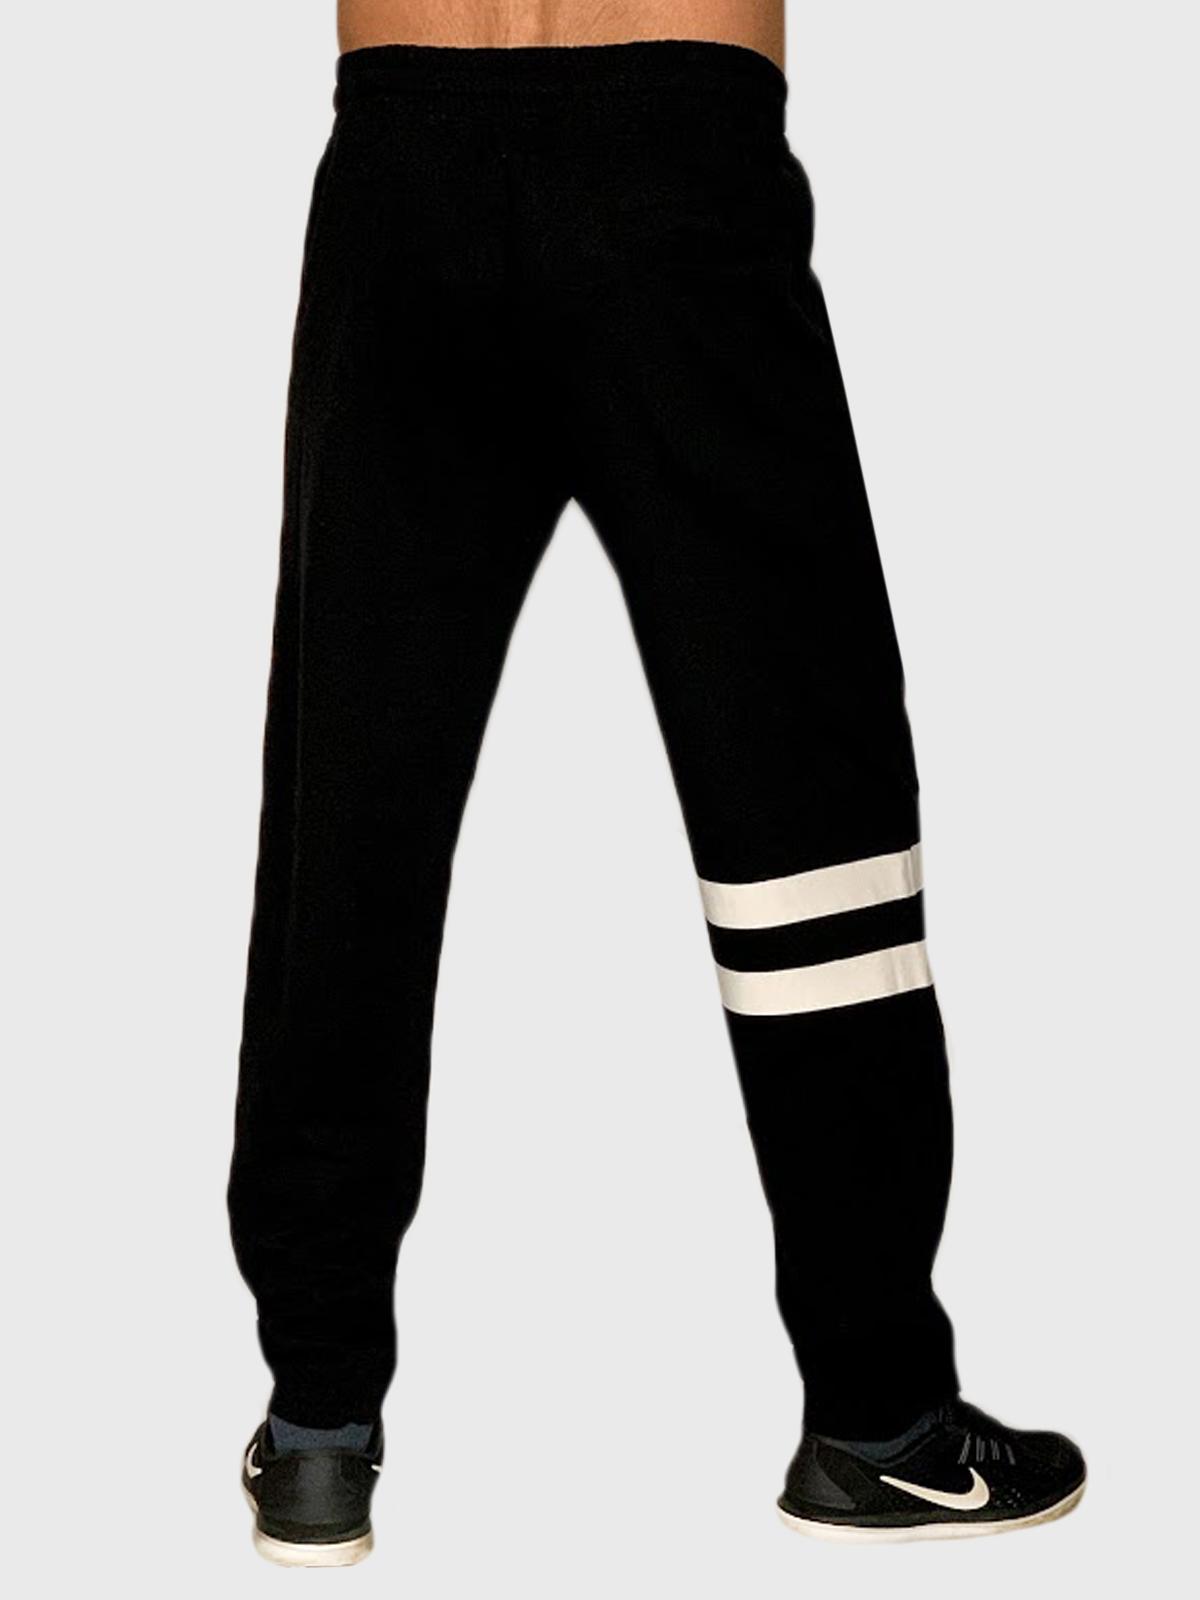 Заказать  в интернете мужские штаны с карманами от ТМ JEANS by Buffalo